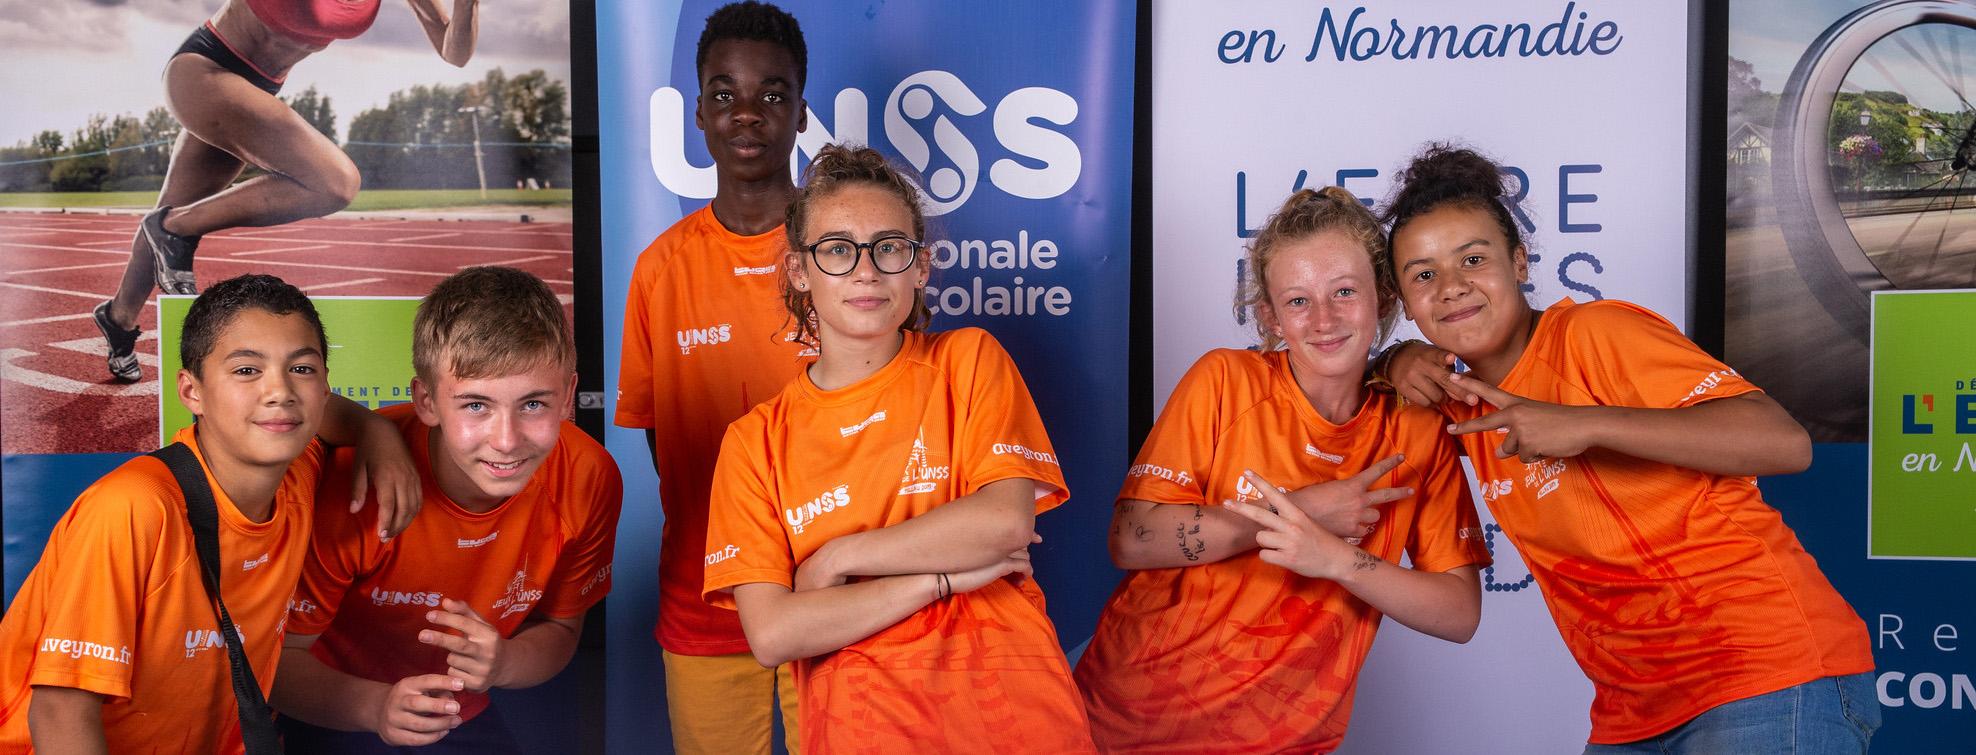 Ils ont fait briller l'Eure aux championnats de France UNSS !